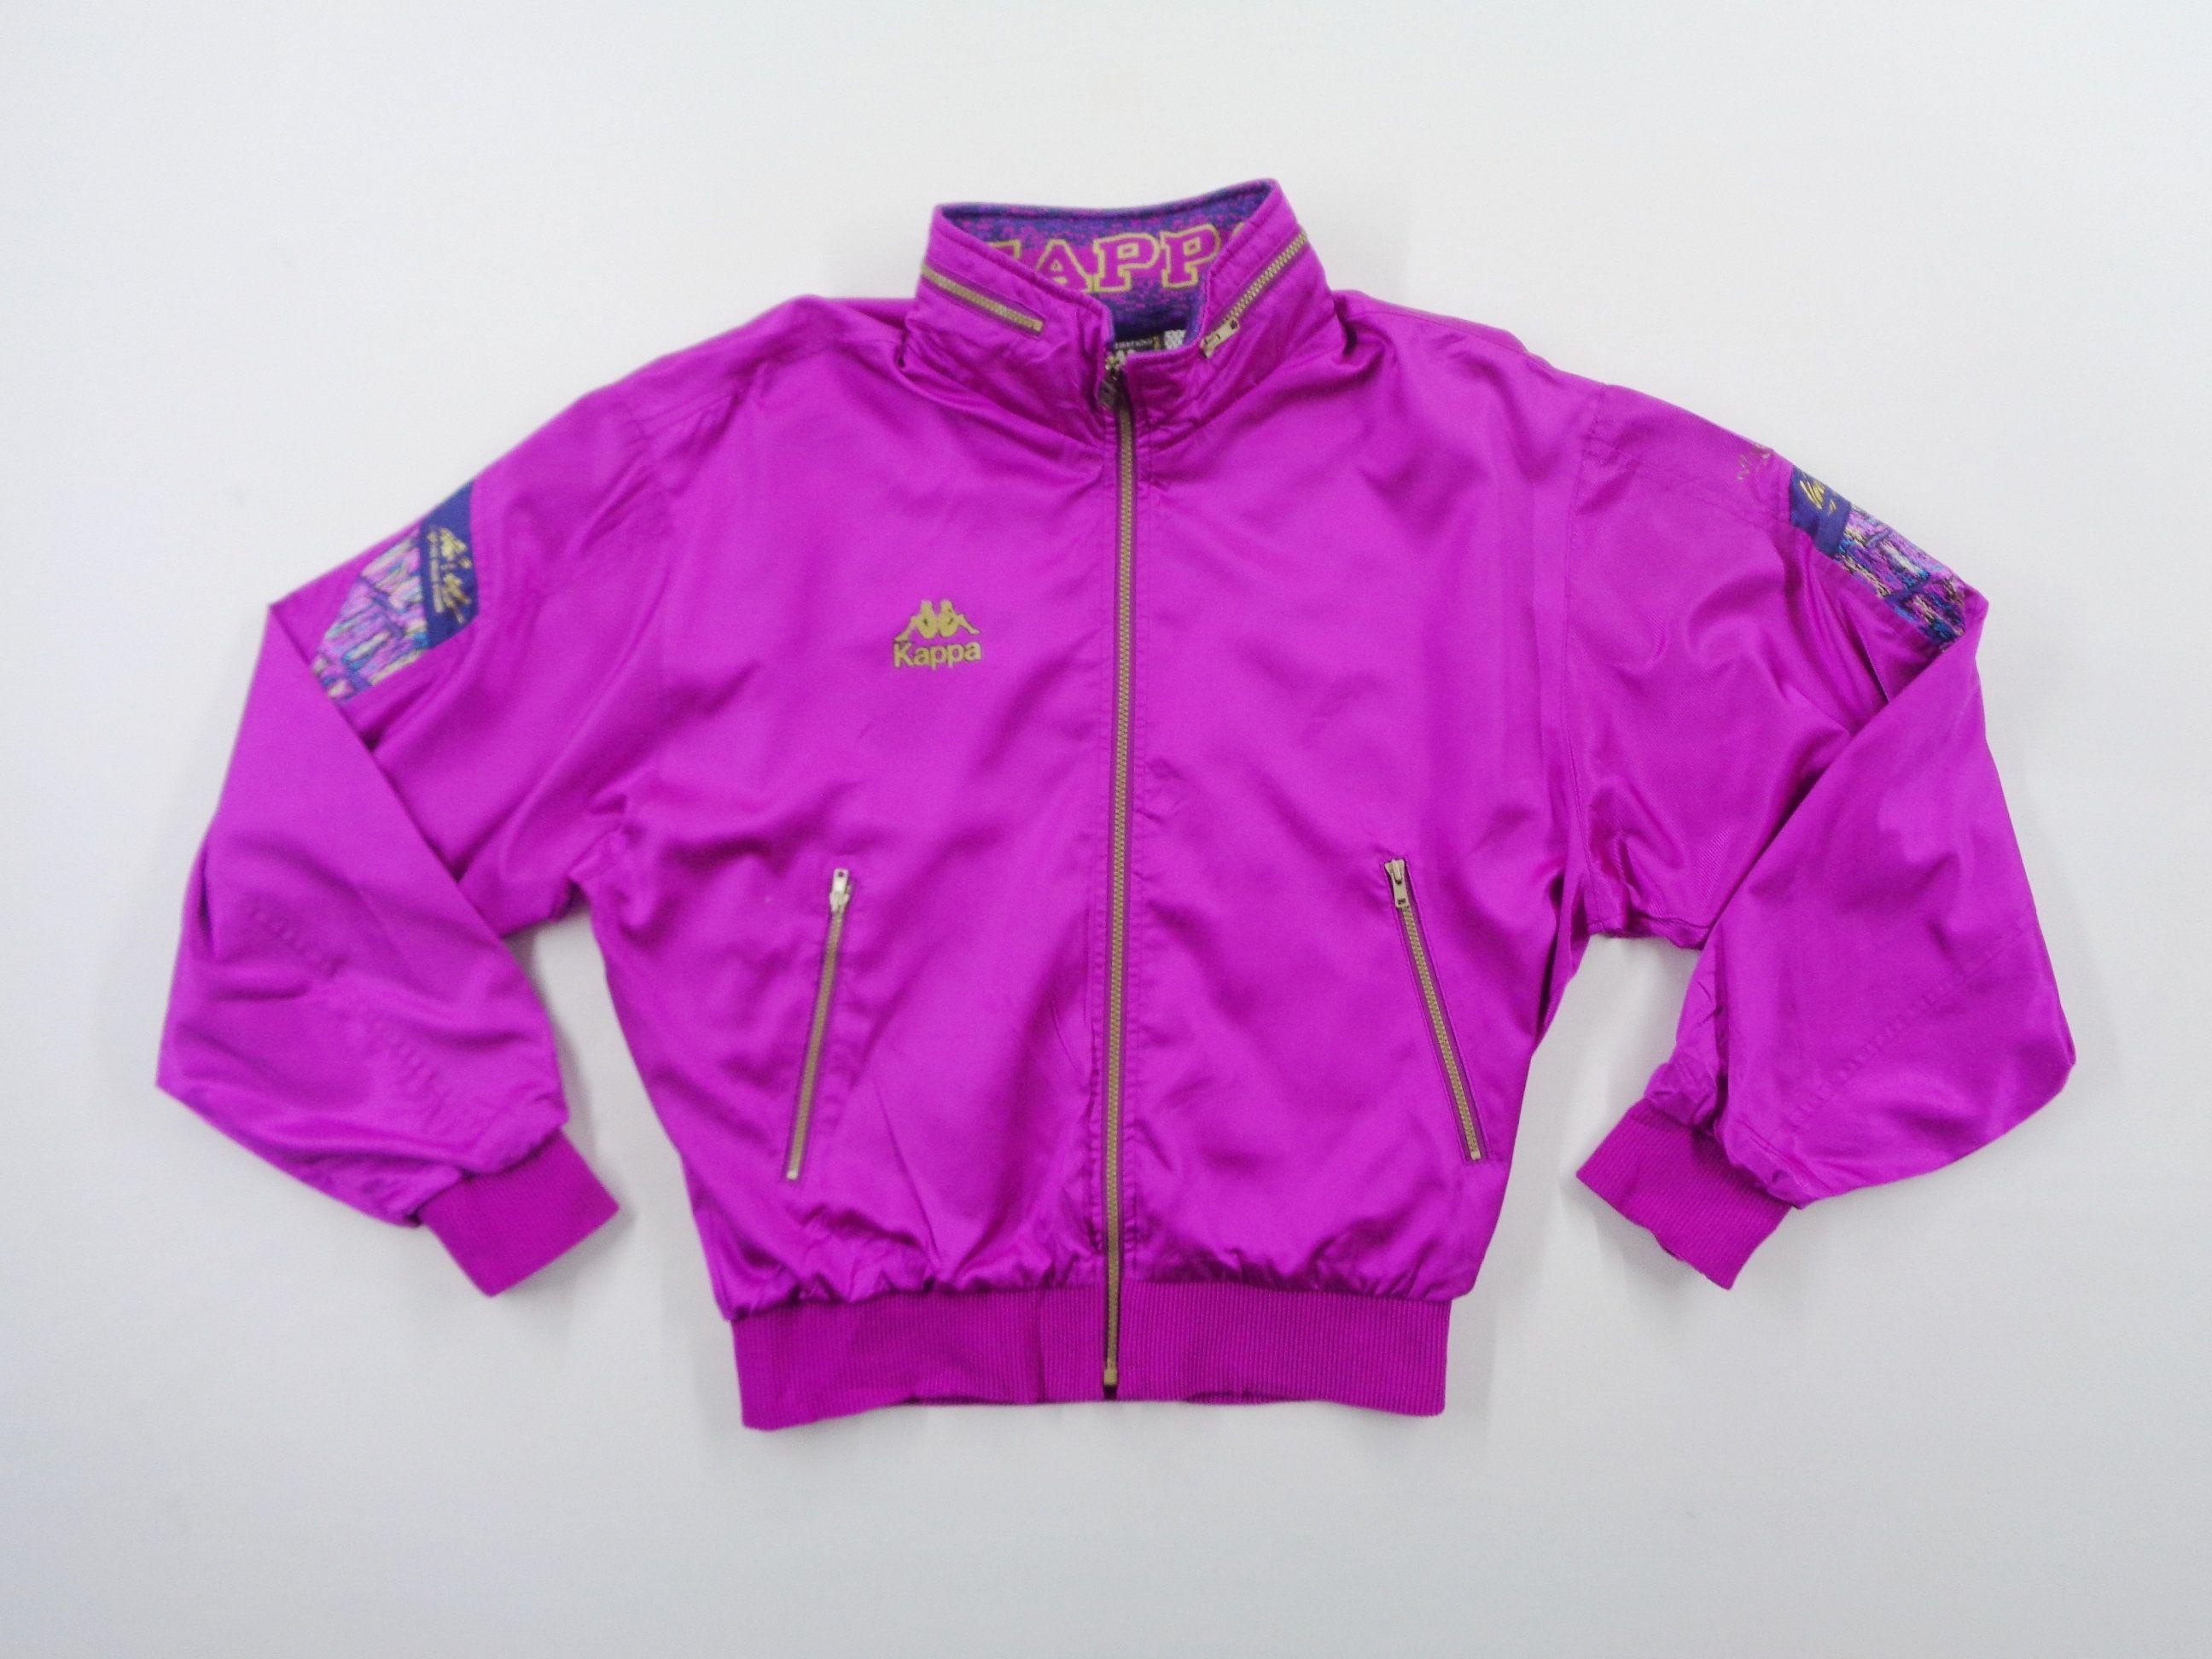 Kappa Jacket Vintage Jaspo M Kappa Windbreaker 90s Kappa Vintage Windbreaker Jacket Size M L Vintage Windbreaker Jacket Jackets Windbreaker [ 1944 x 2592 Pixel ]